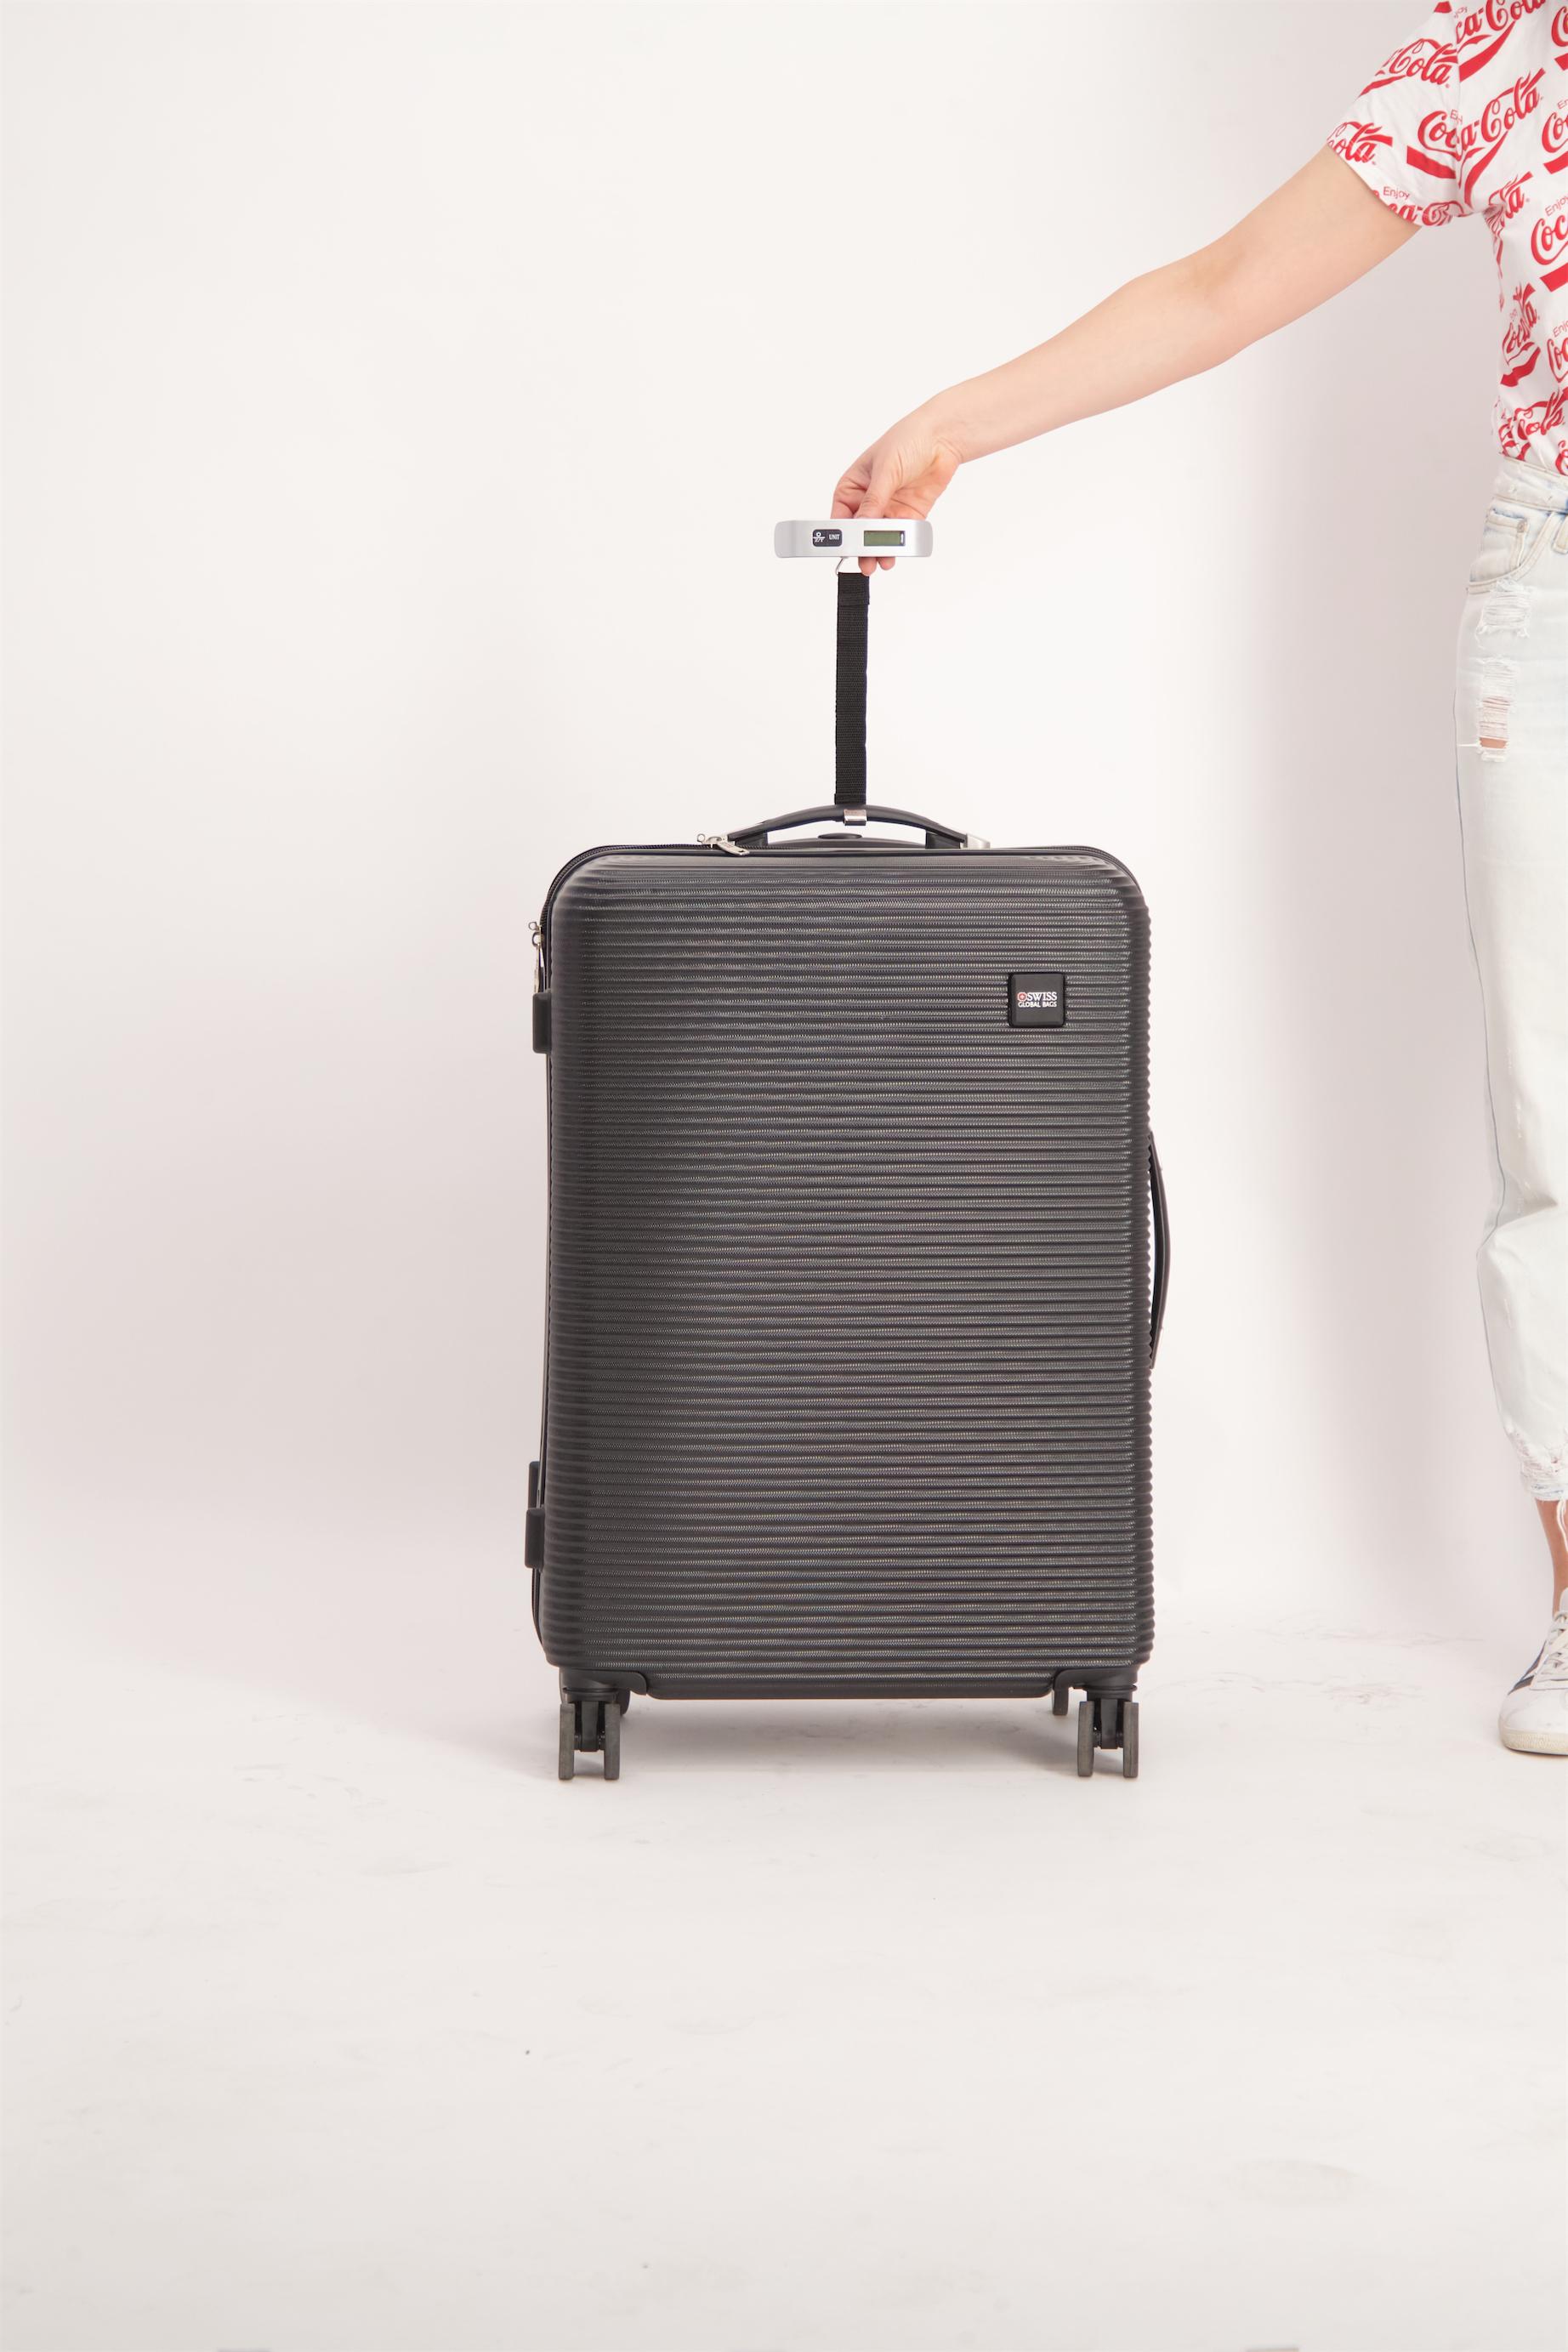 משקל נייד למזוודה